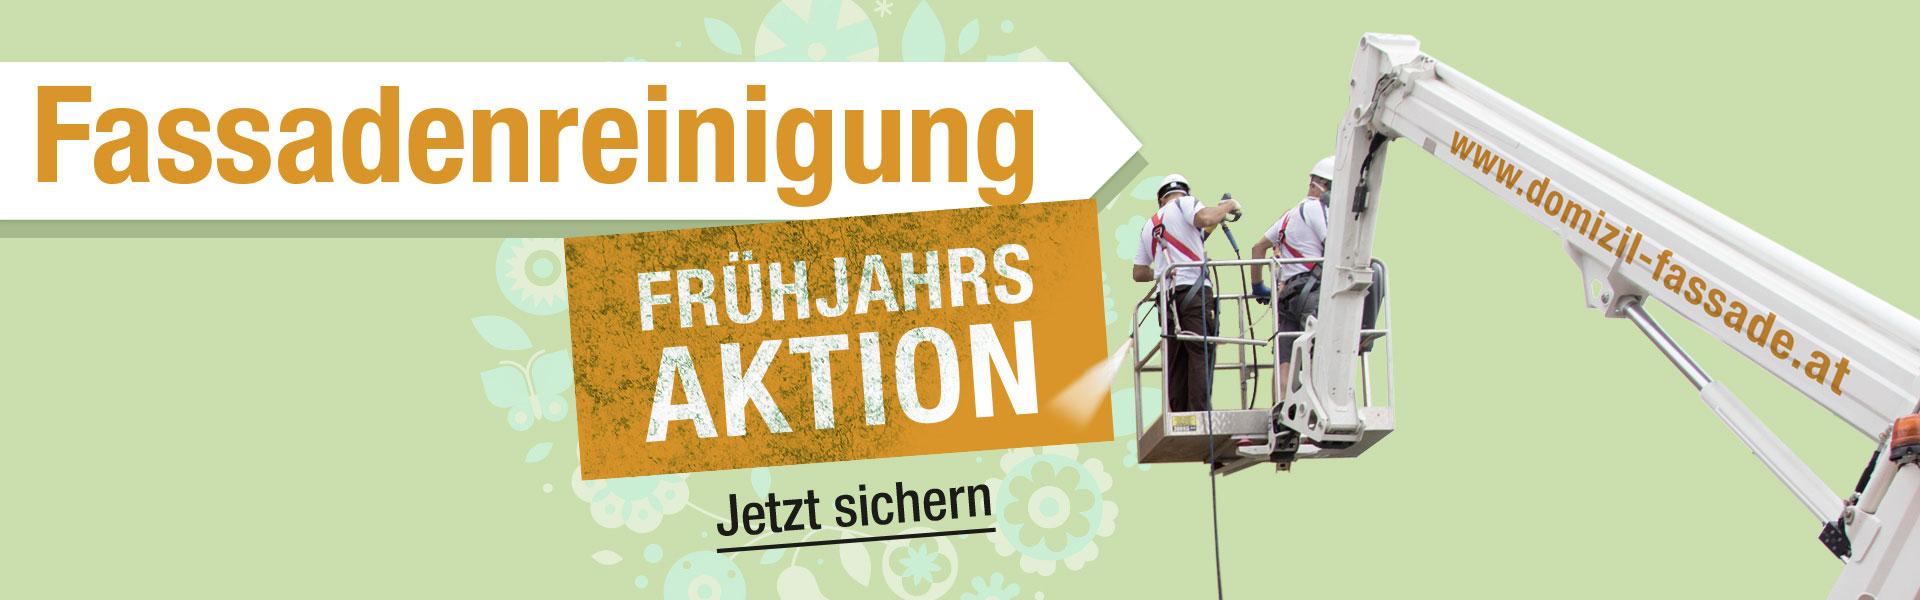 fassadenreinigung_aktion